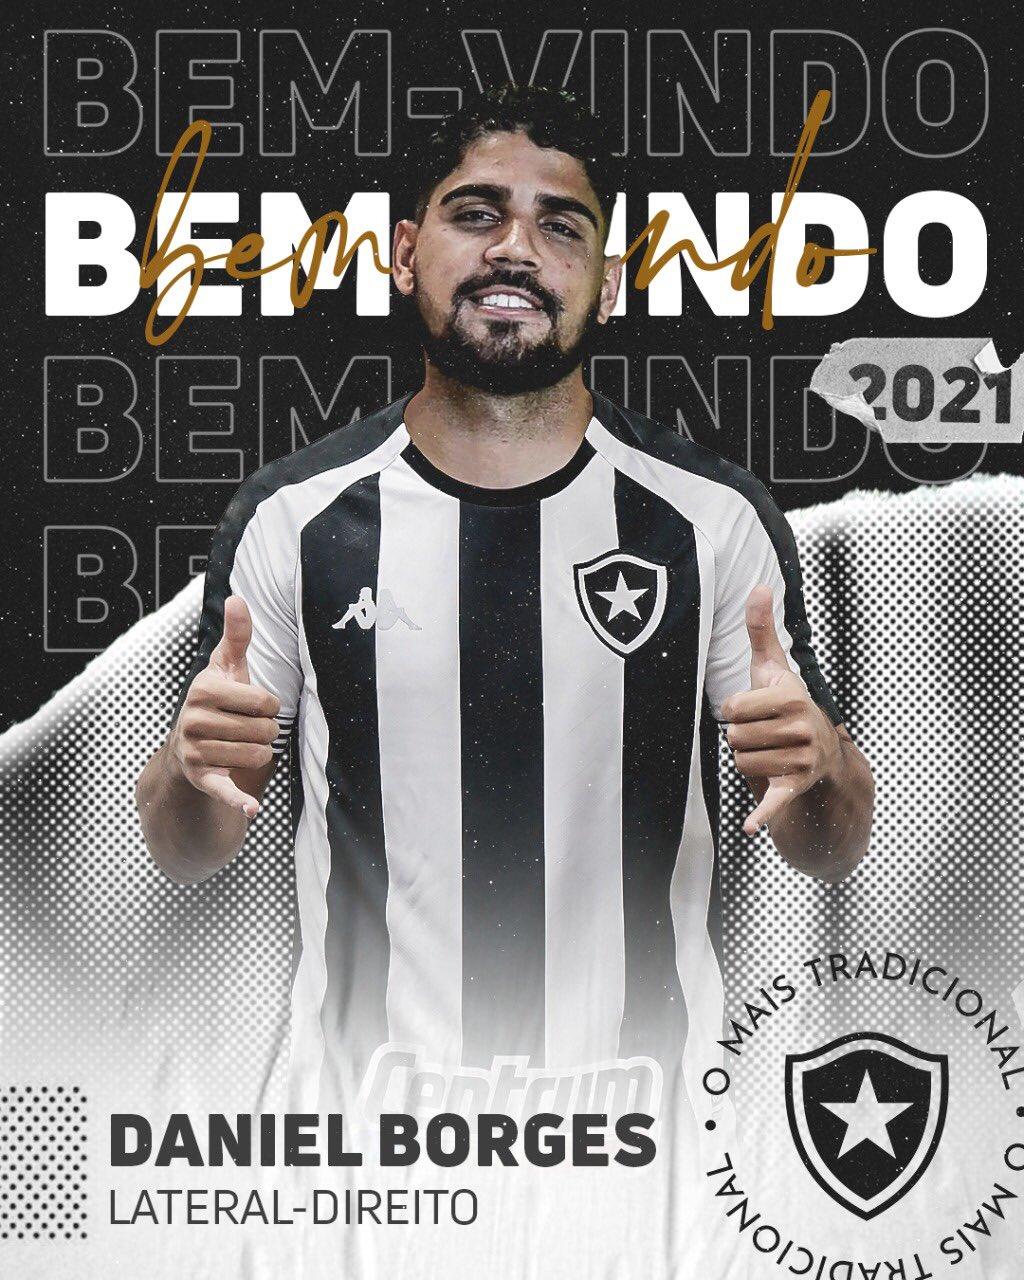 Arte de apresentação do lateral Daniel Borges